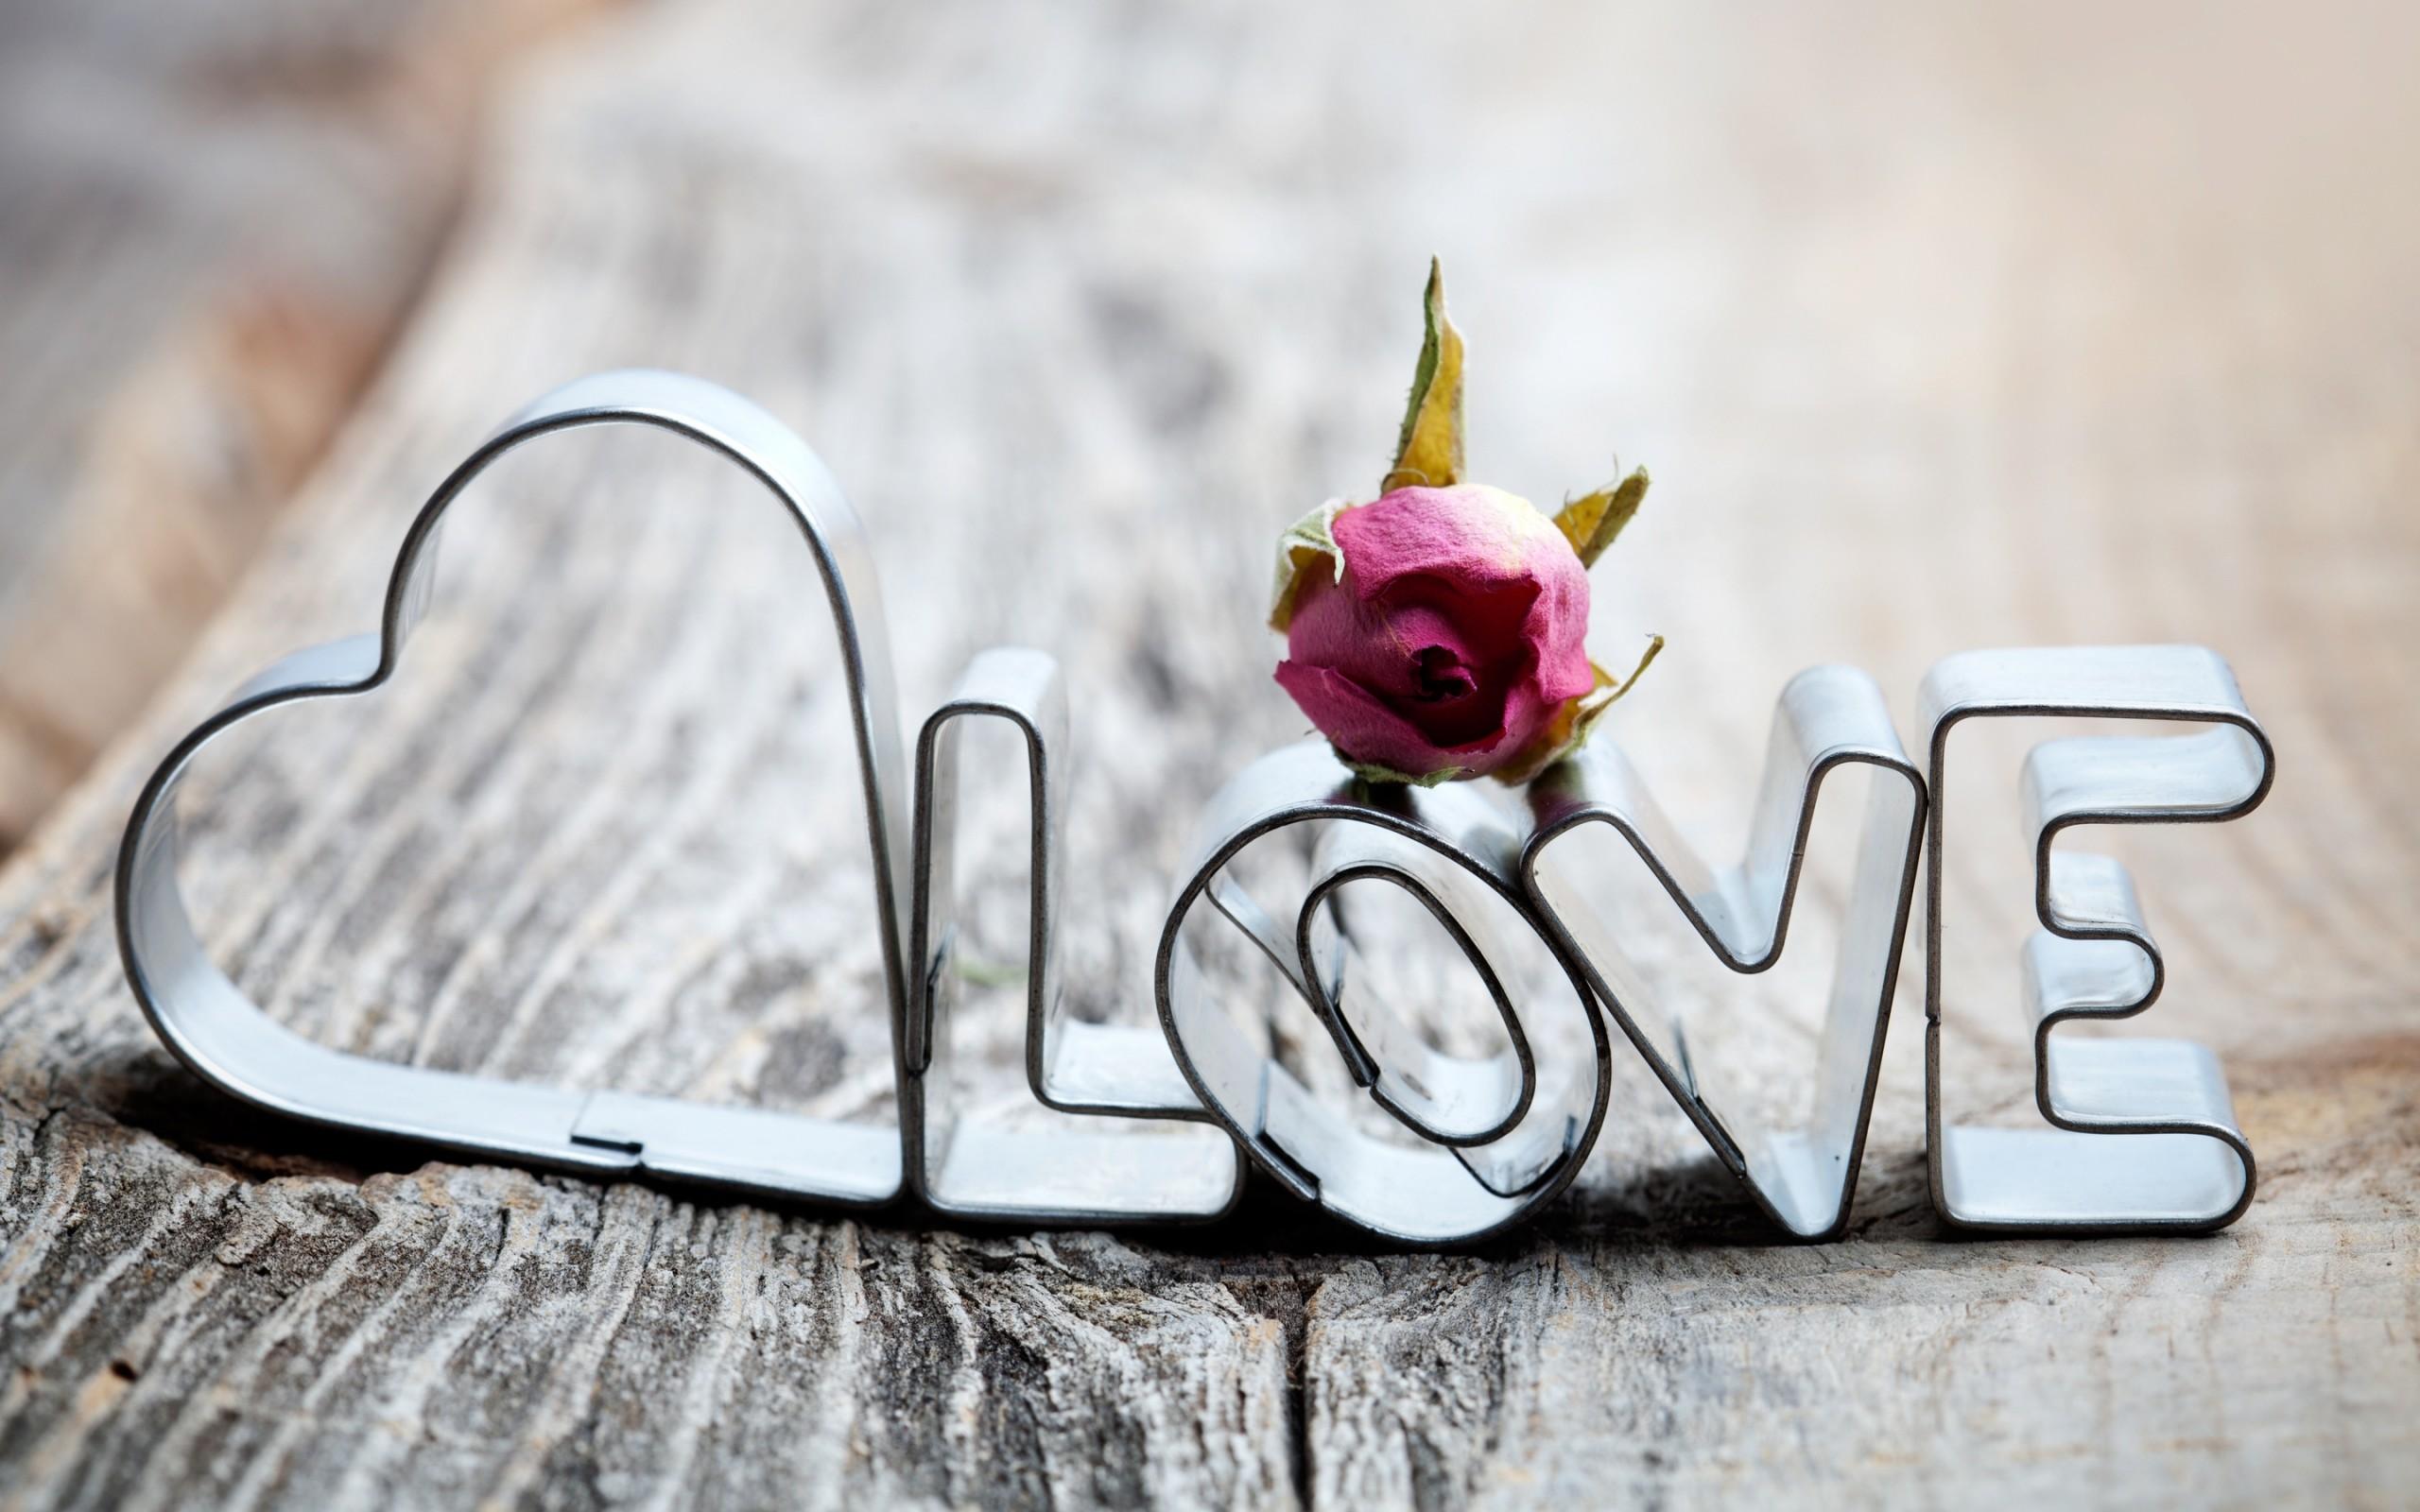 Adornos con la palabra amor - 2560x1600